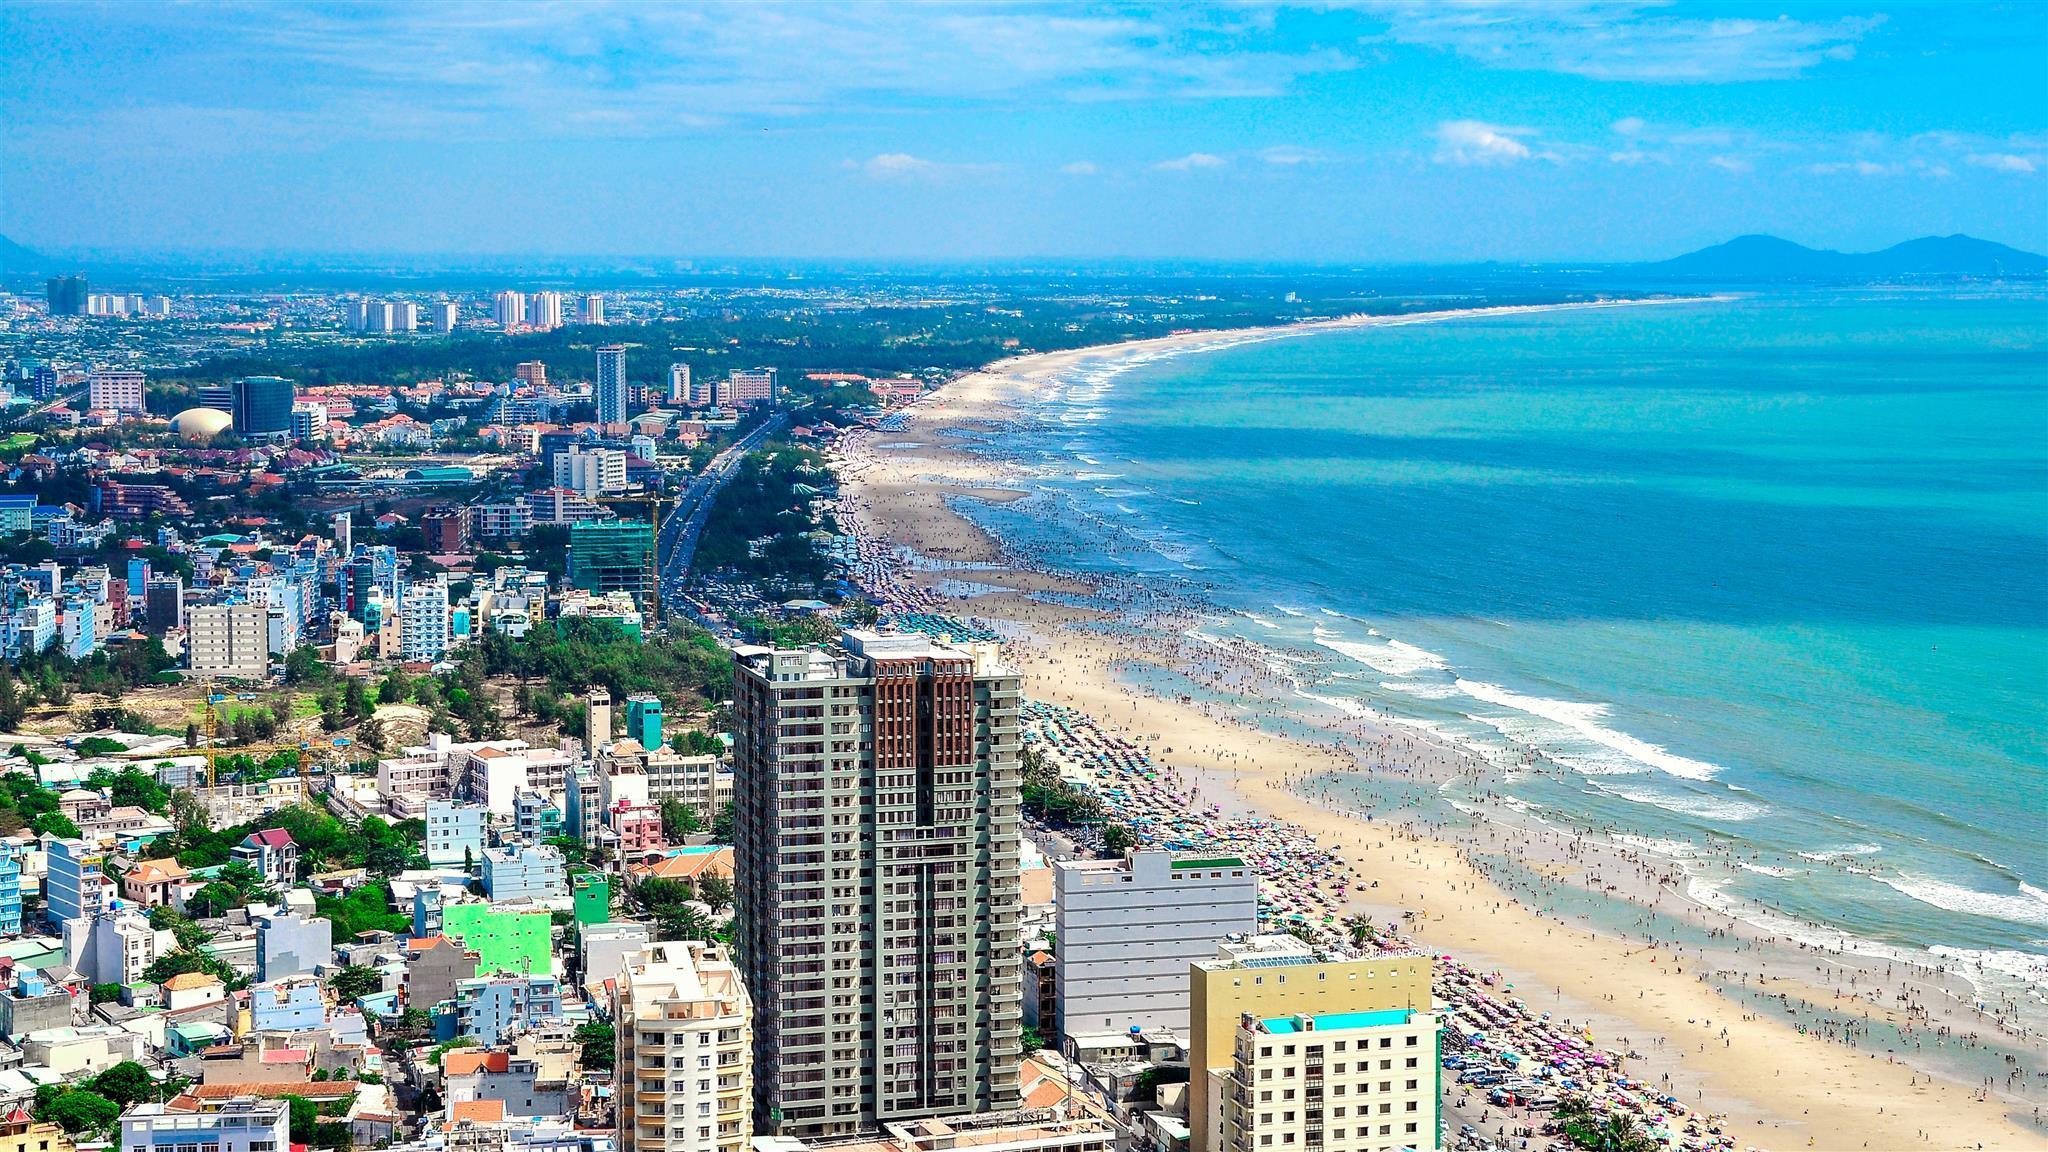 Thành phố biển Vũng Tàu